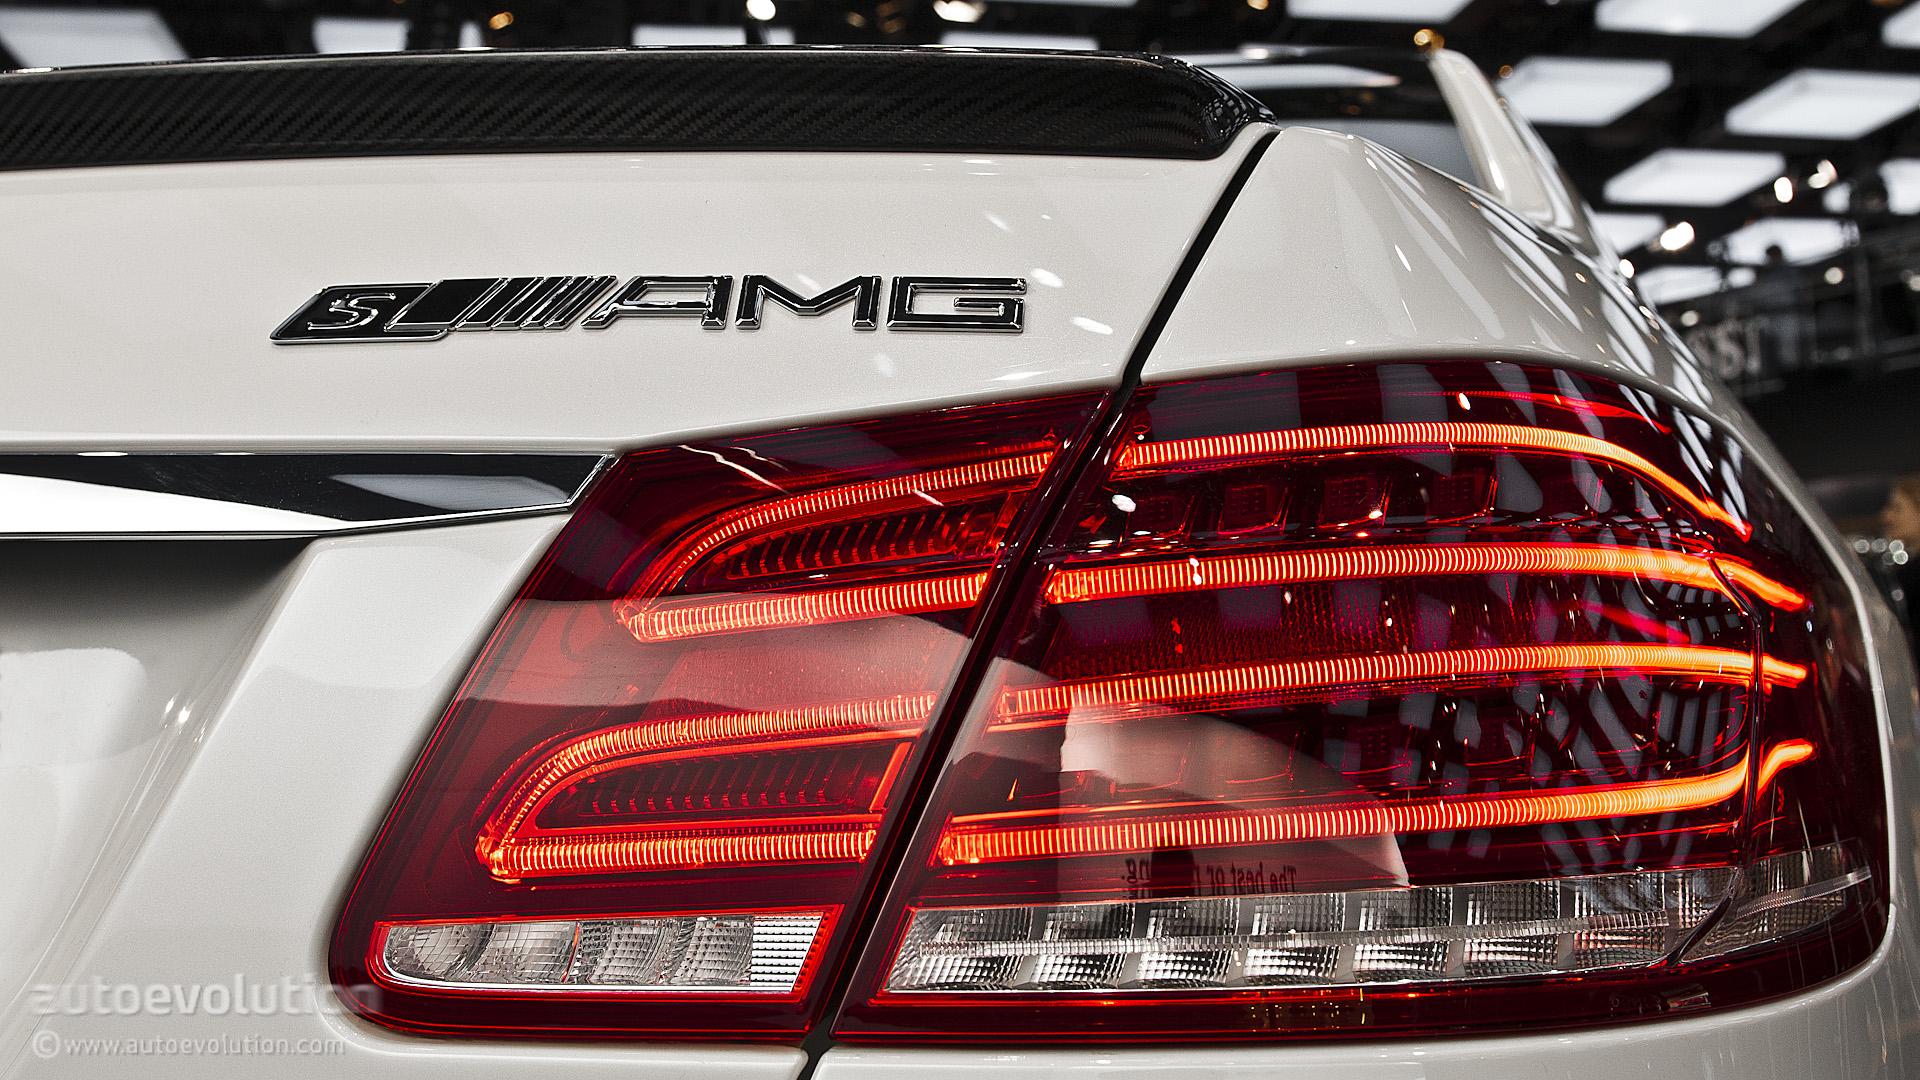 Full Hd Car Wallpaper Com 2013 Naias Mercedes Benz E63 Amg S 4matic Live Photos